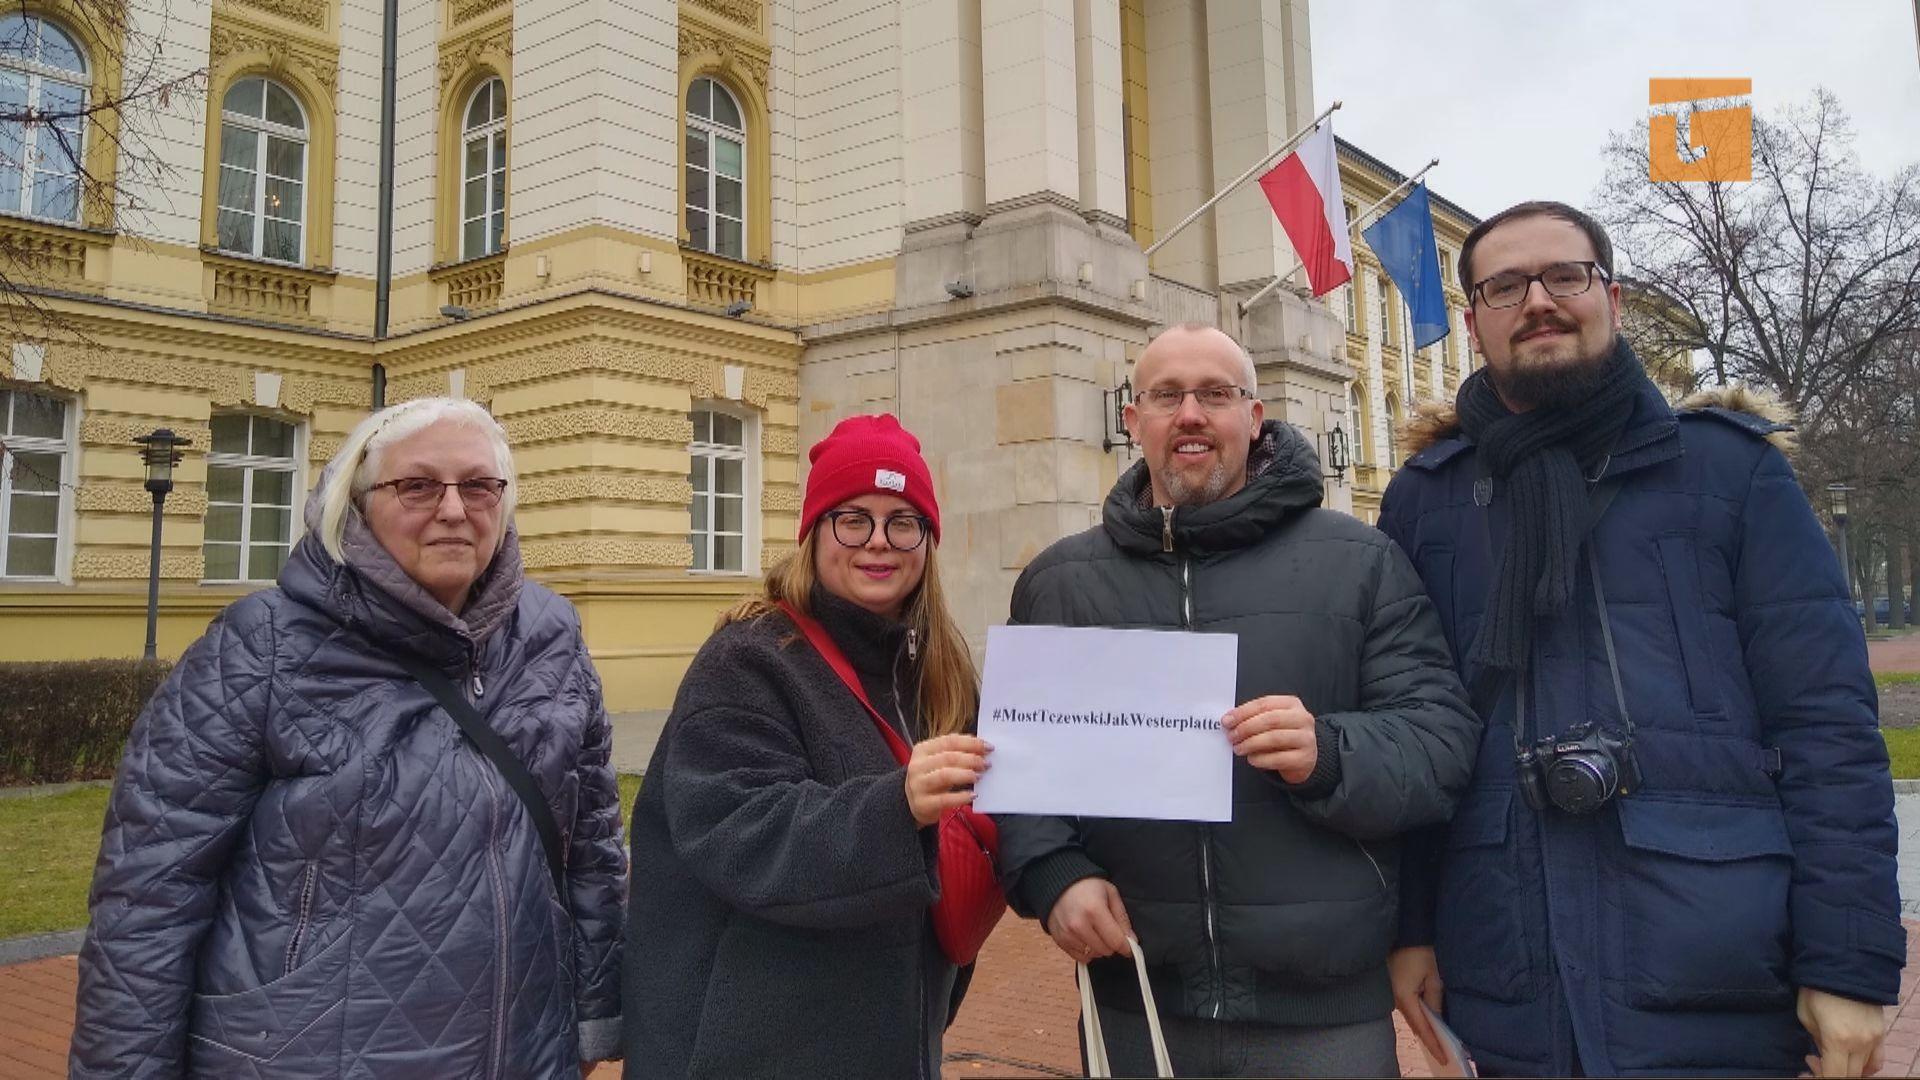 Petycja o moście trafiła do premiera